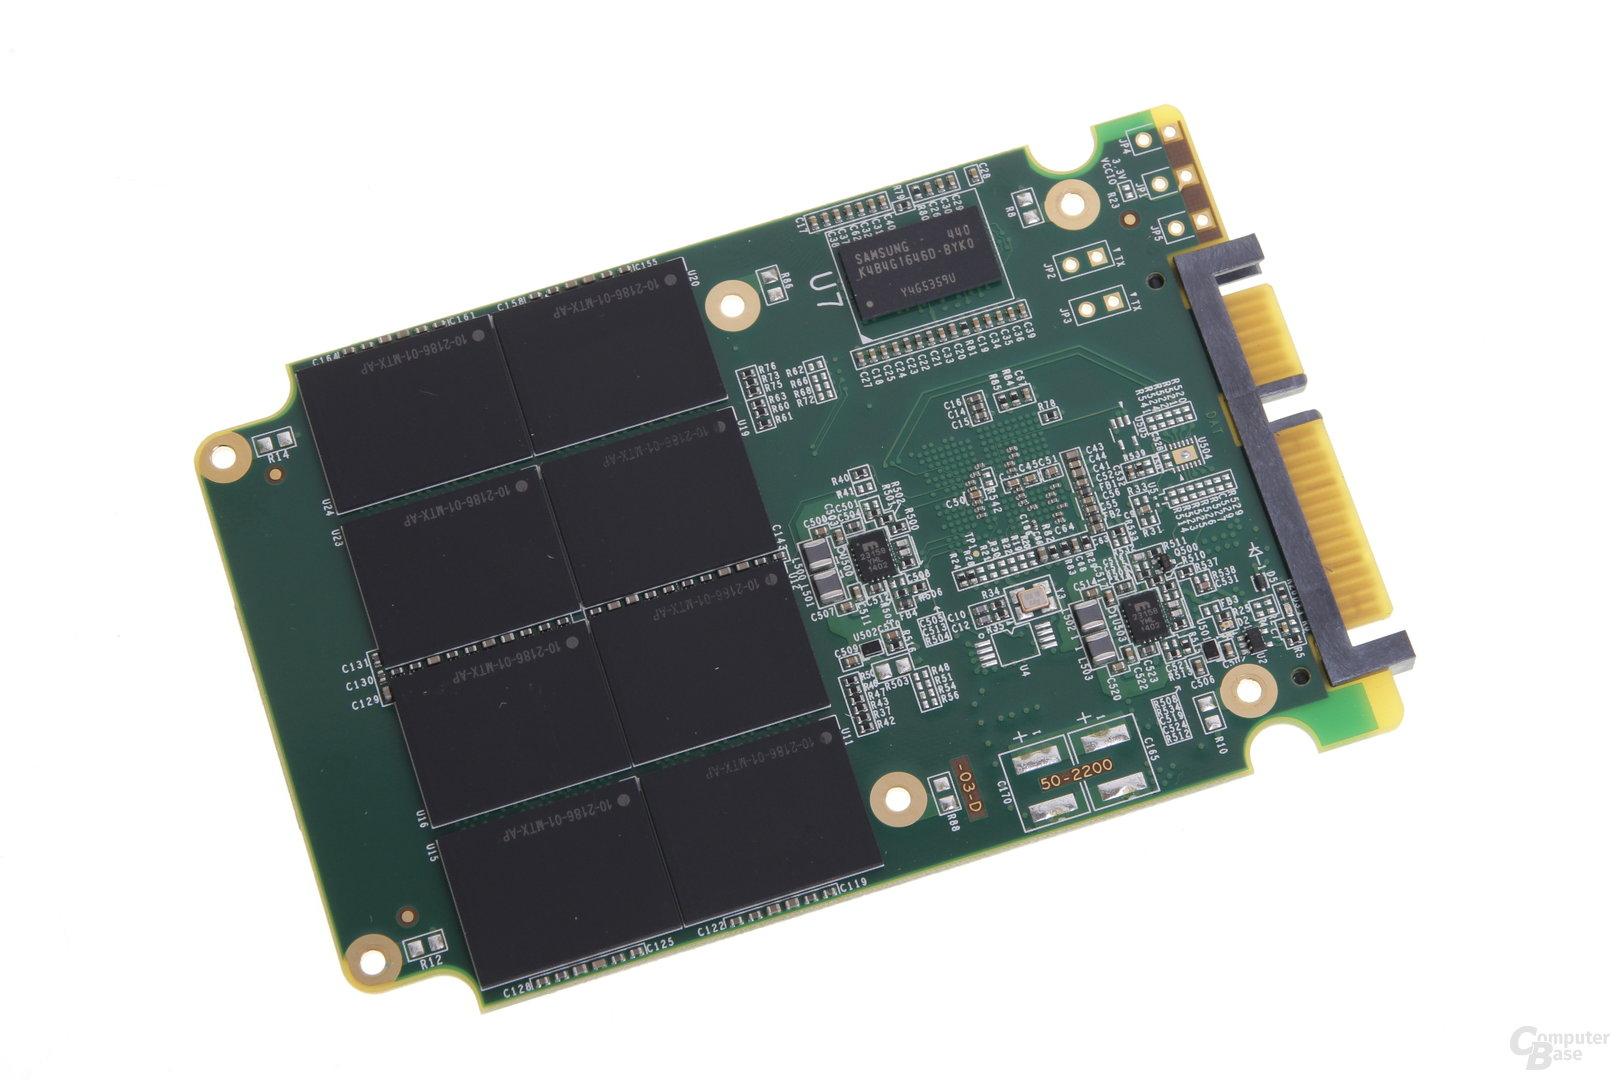 Eine Seite der Platine mit acht NAND-Chips und DRAM-Baustein...